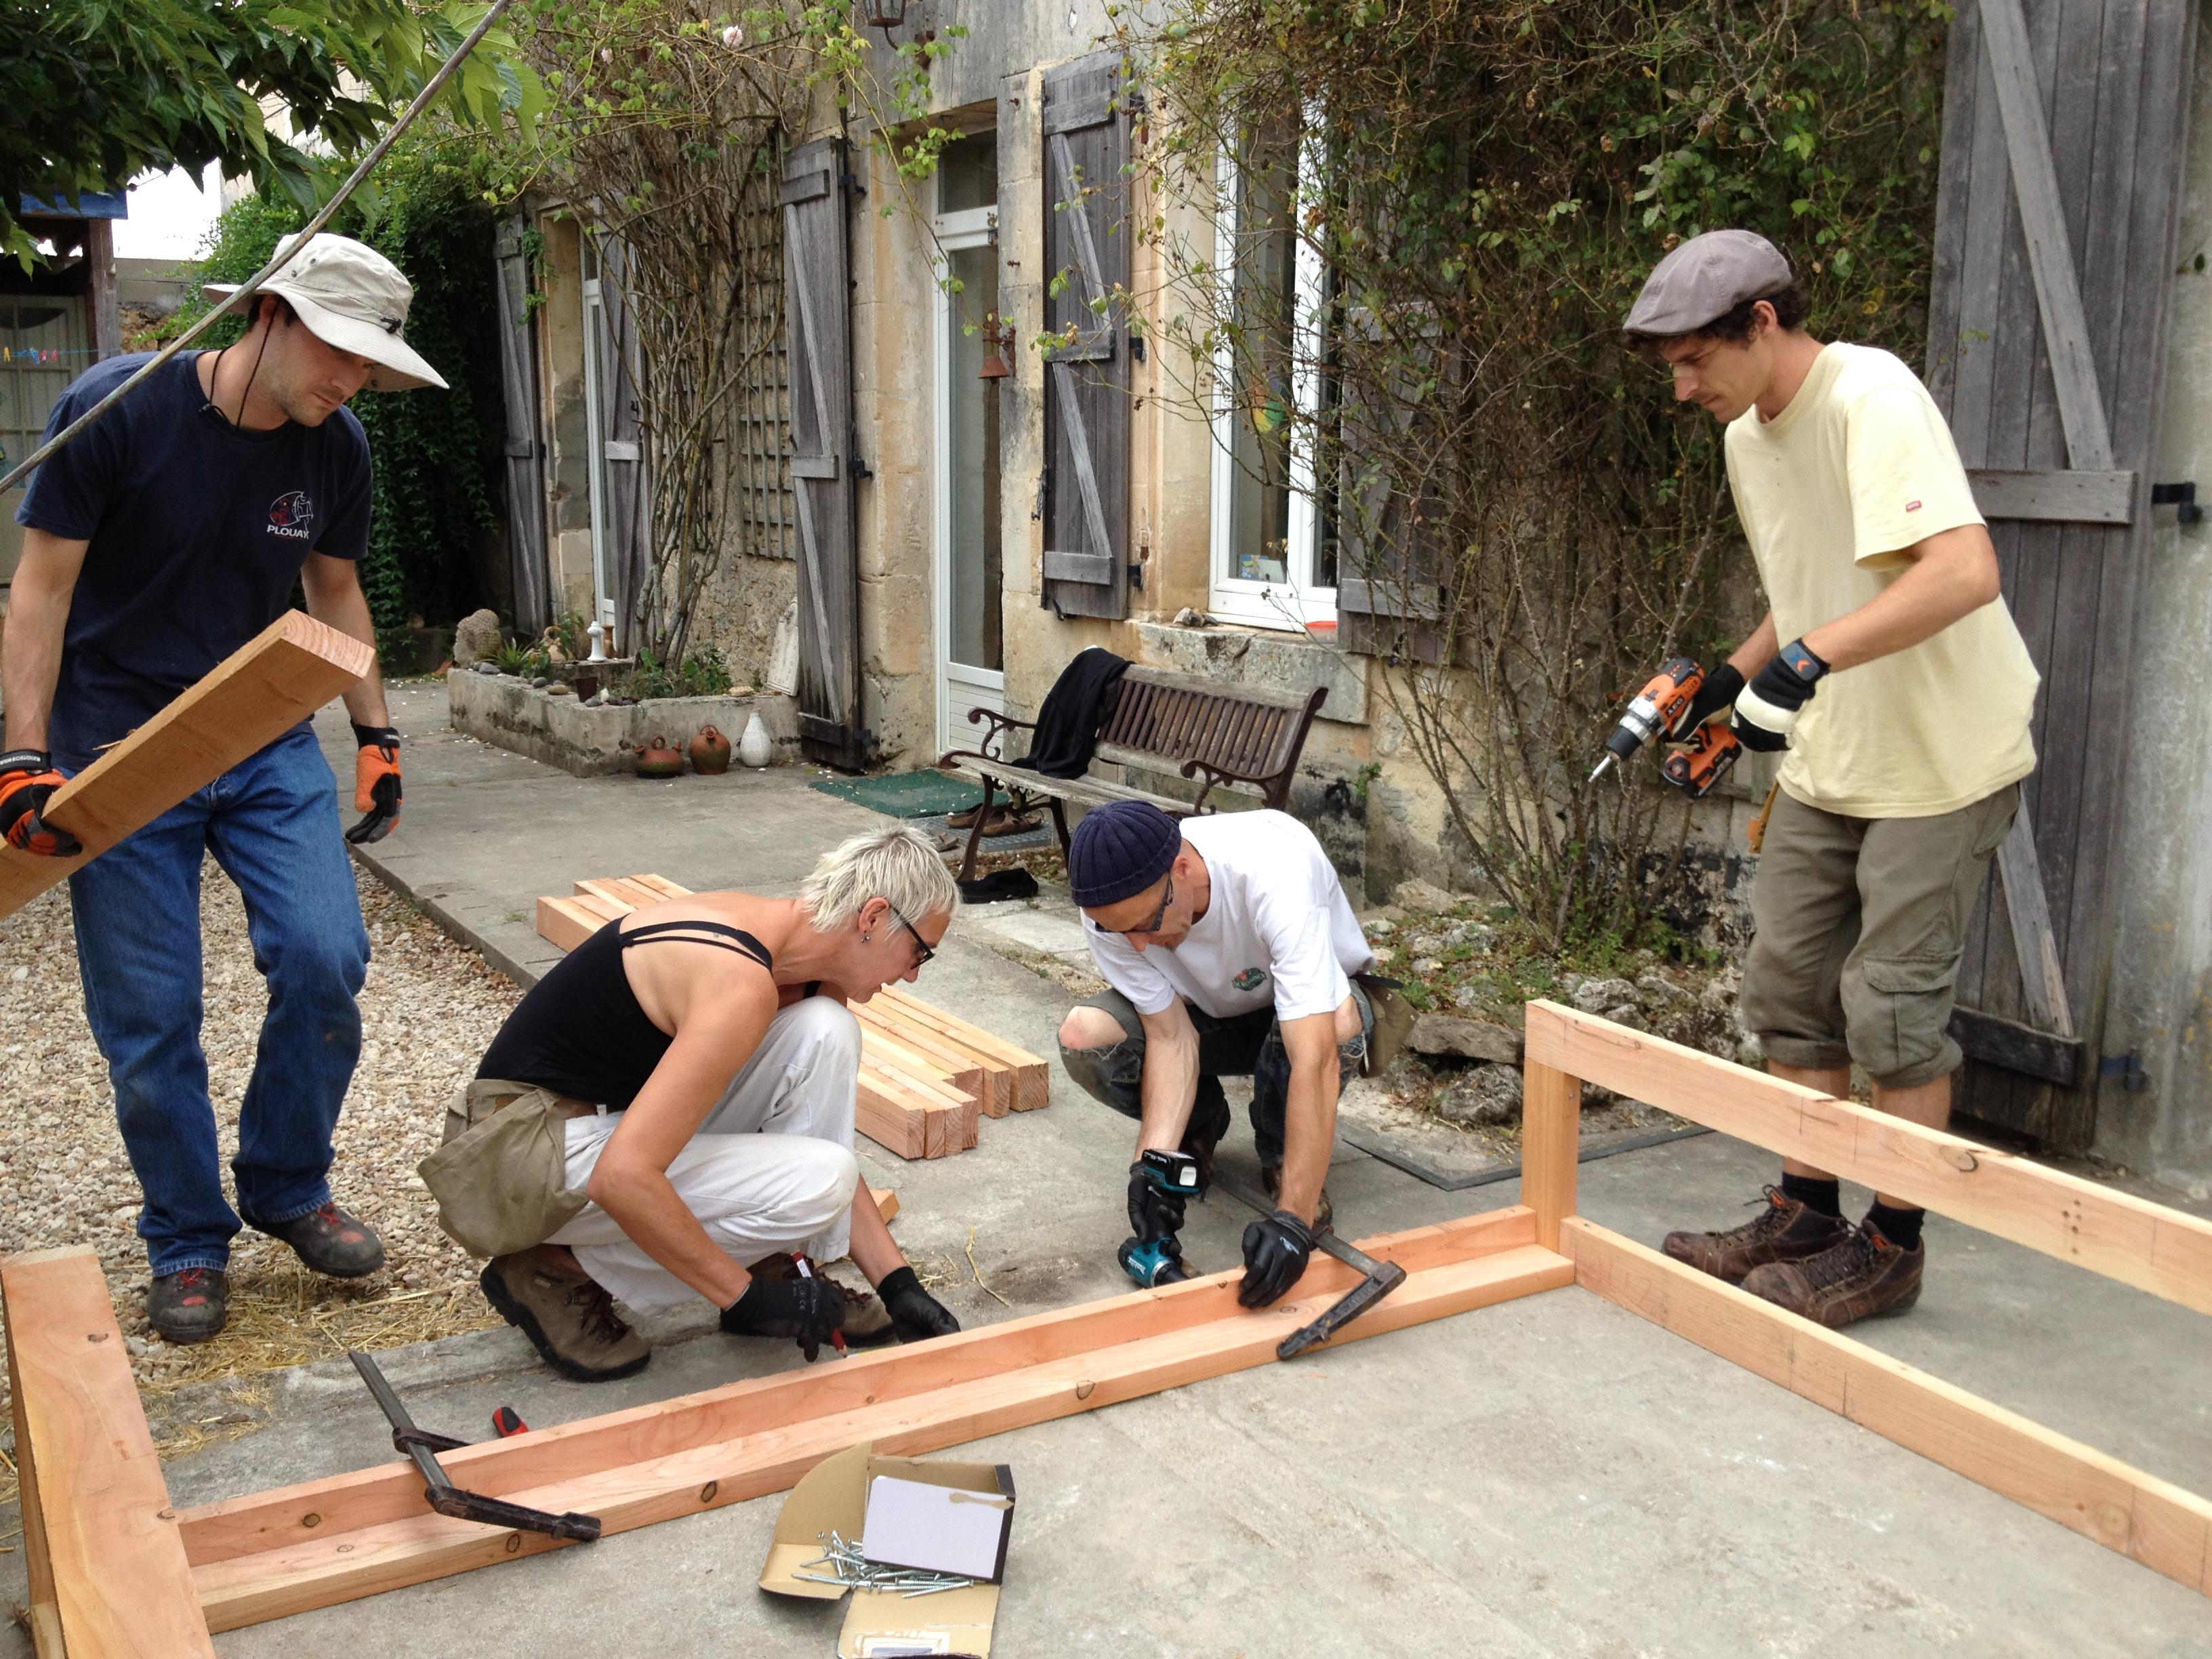 Renovation Electrique Soi Meme des stages pour apprendre à faire soi-mÊme | la maison